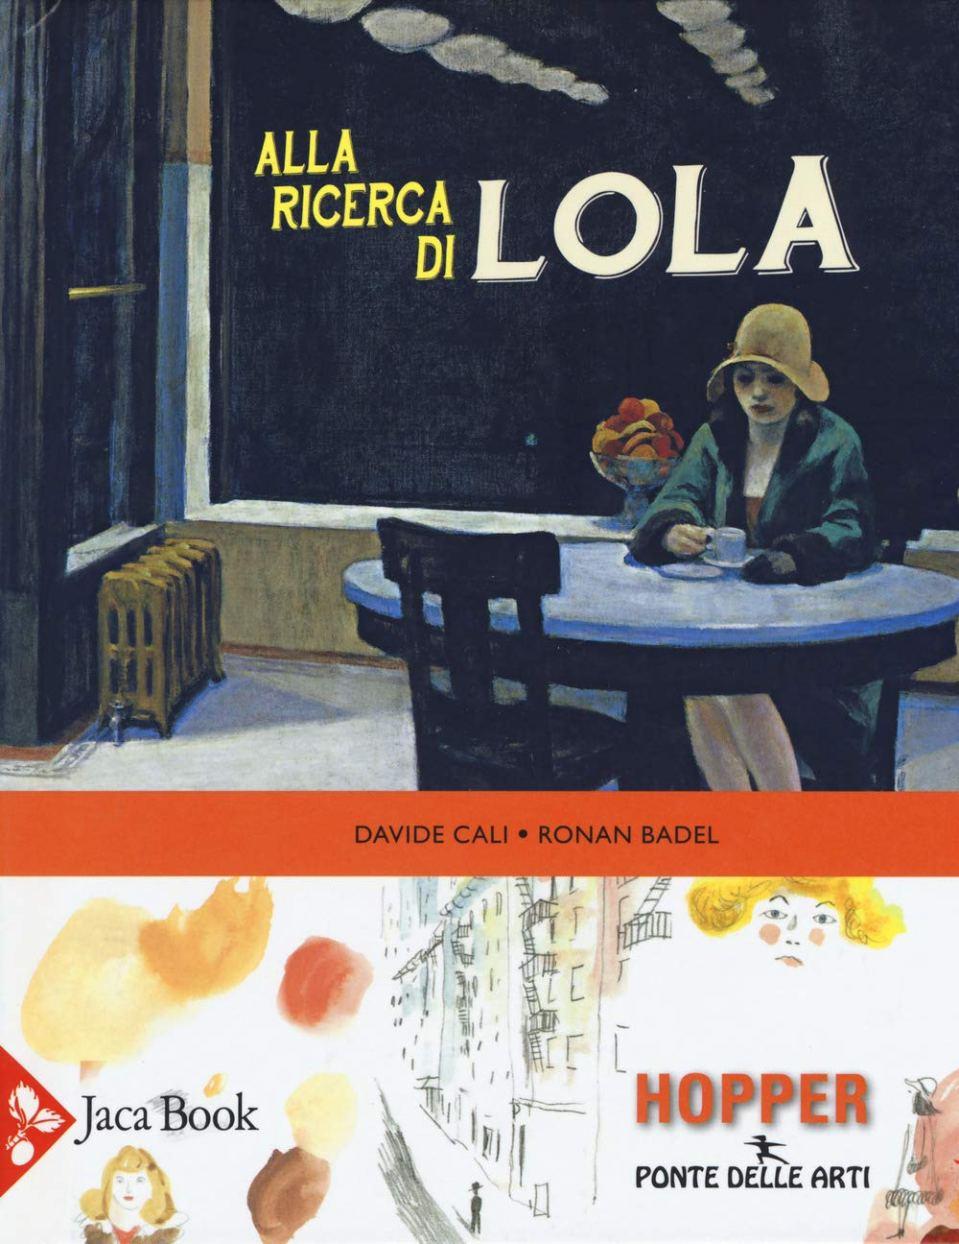 ALLA RICERCA DI LOLA Book Cover